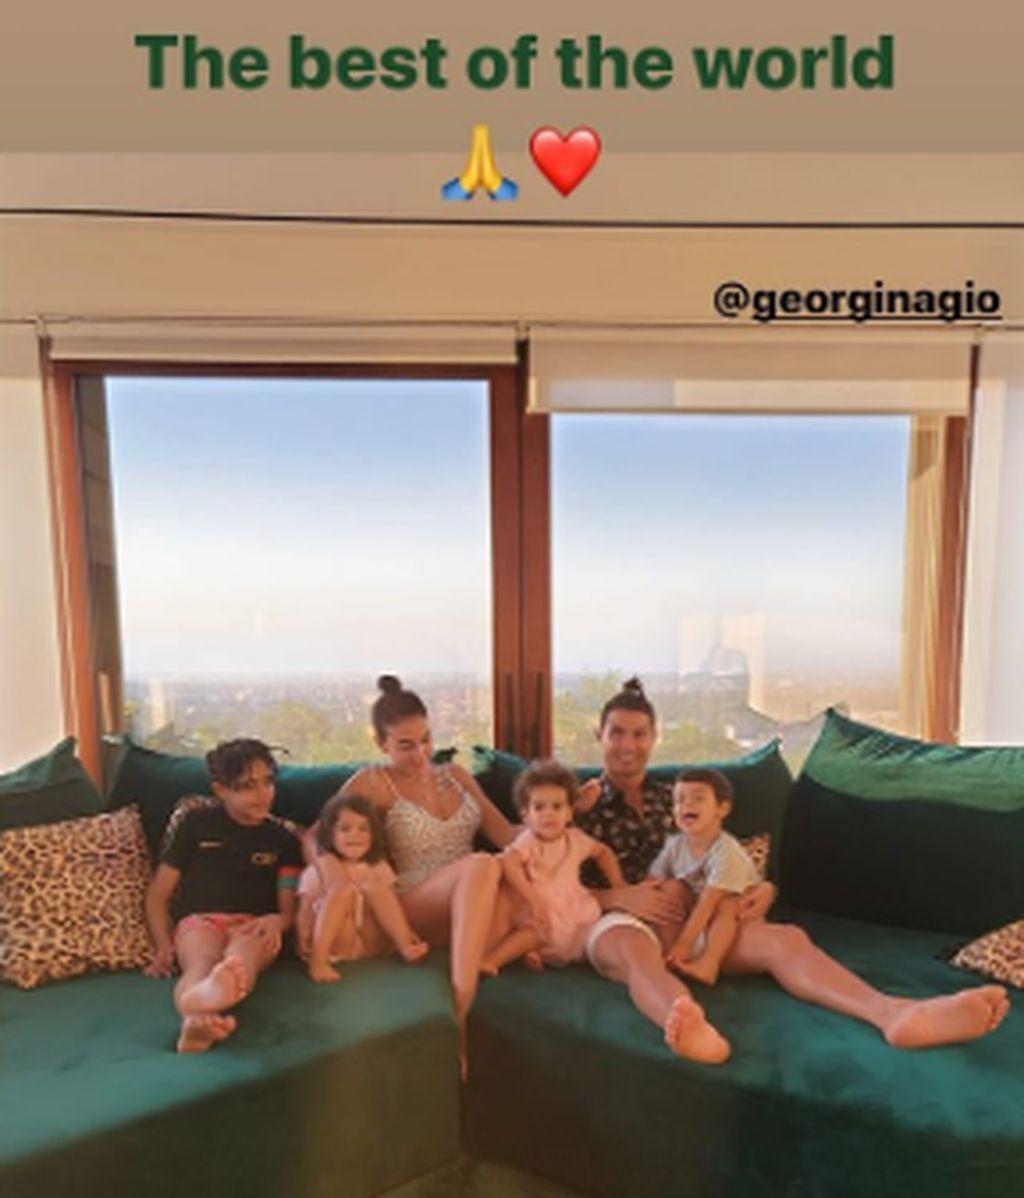 Cristiano y su publicación en Instagram sobre Georgina.